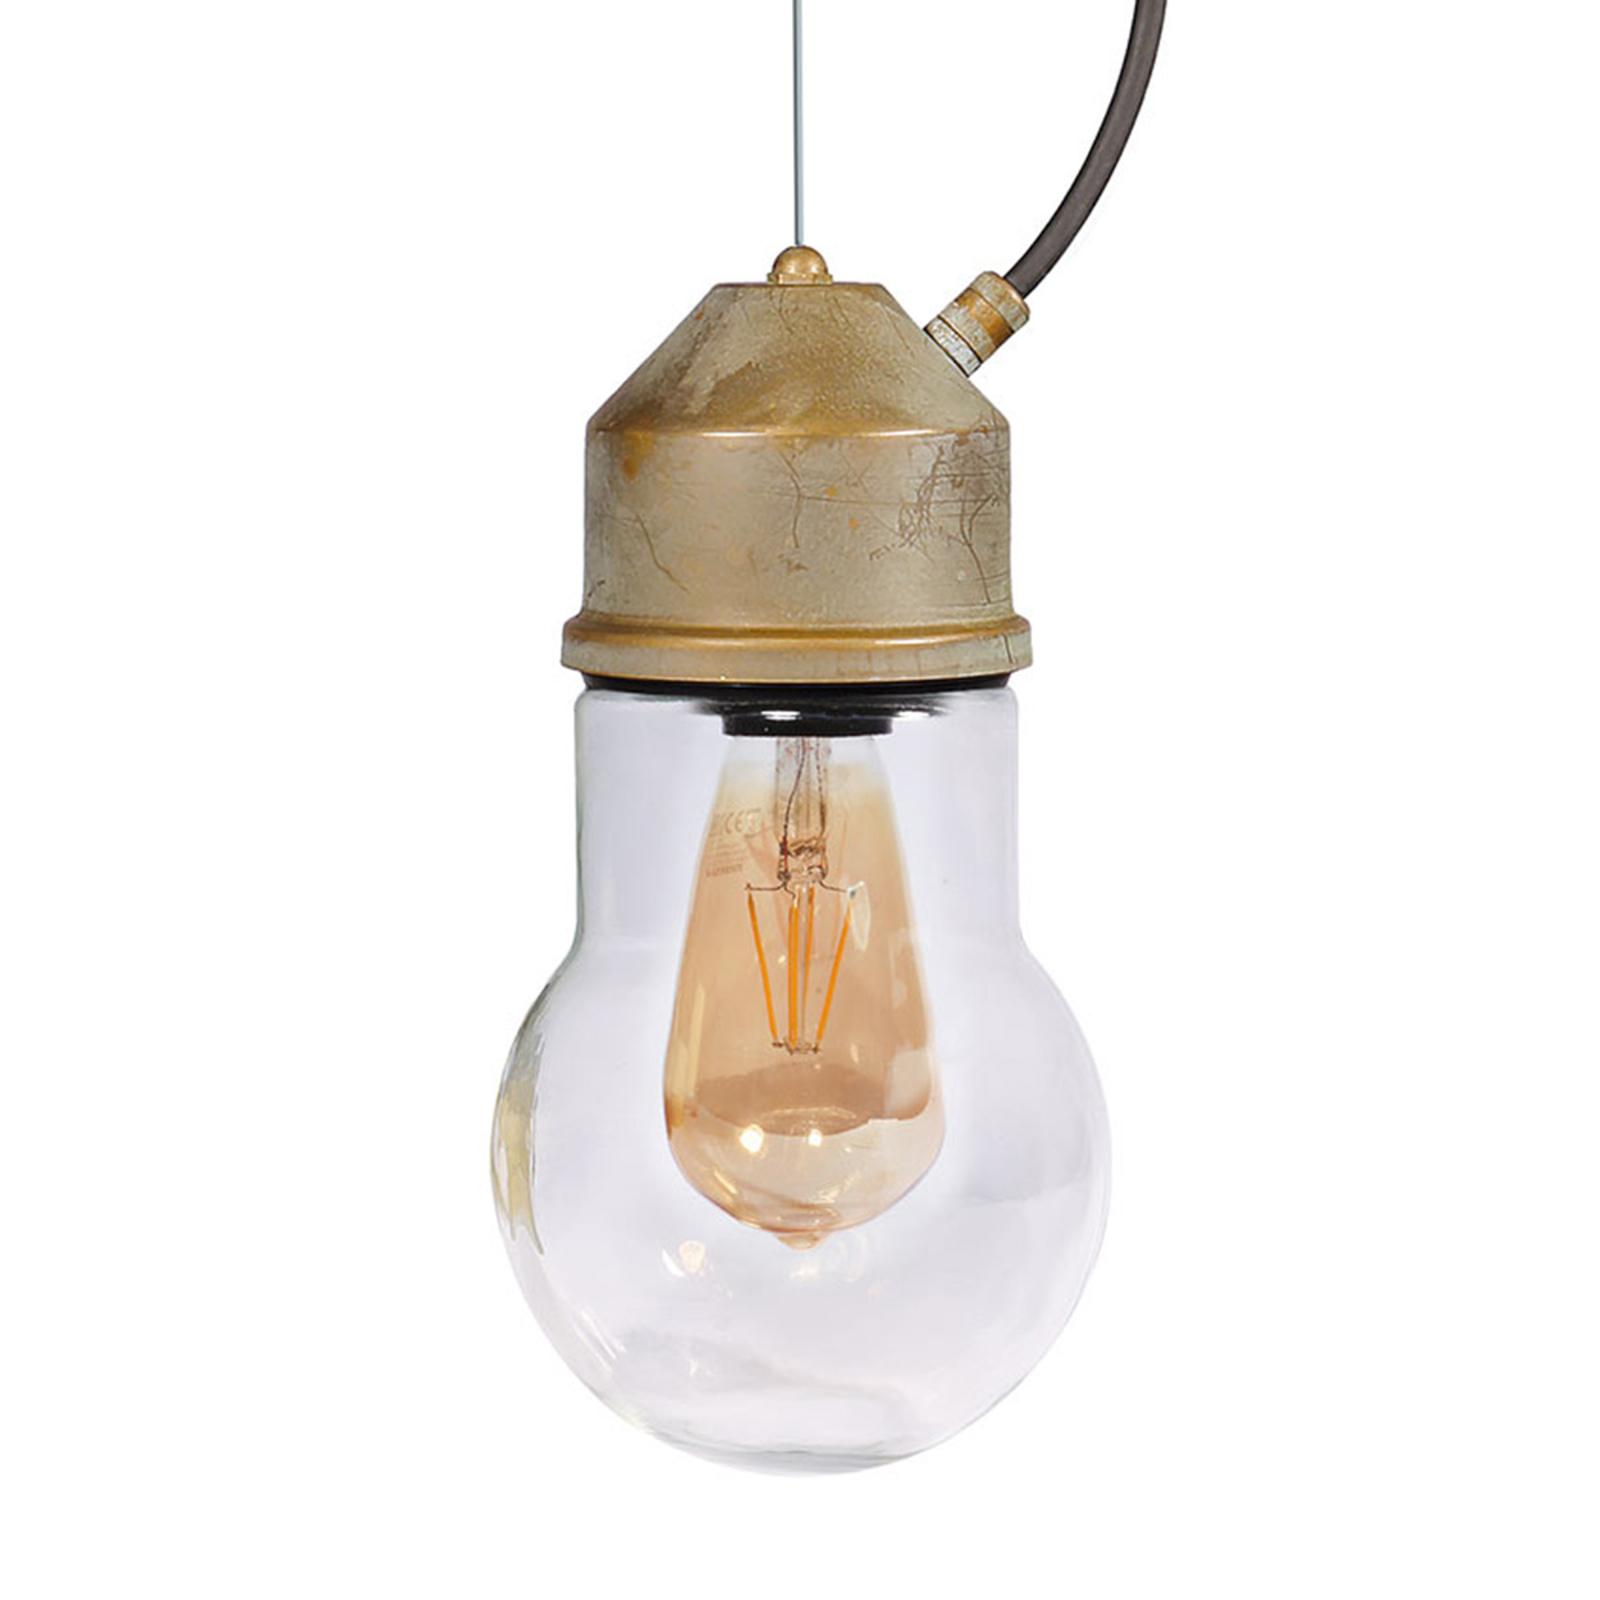 Hanglamp 1951N messing antiek, glas gewelfd helder